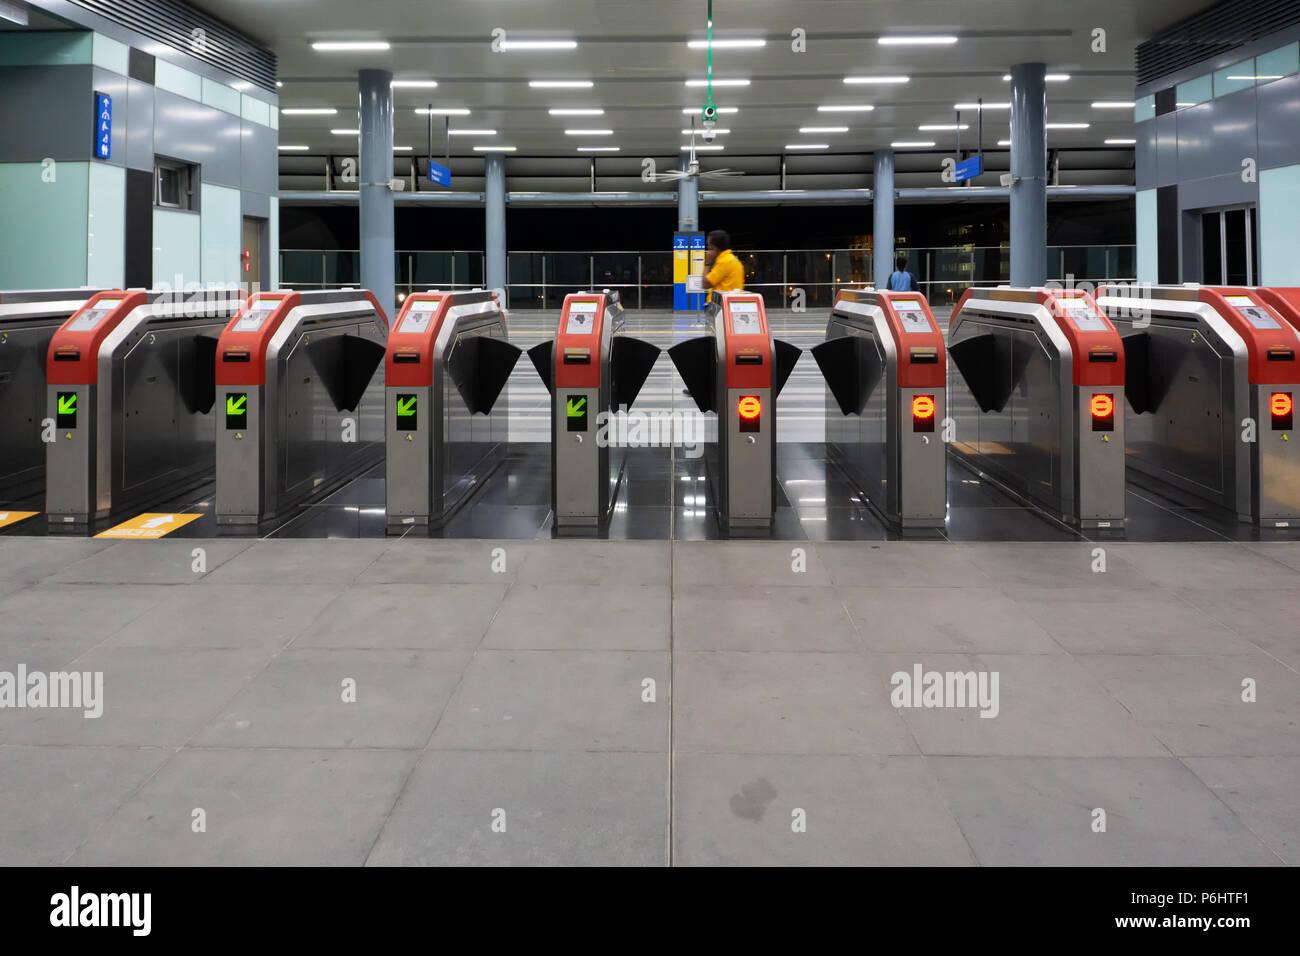 KUALA LUMPUR, MALAYSIA : September 9, 2017 : Entrance gate of Kuala Lumpur Mass Rapid Transit (MRT) stations. MRT alleviate the severe traffic congest - Stock Image